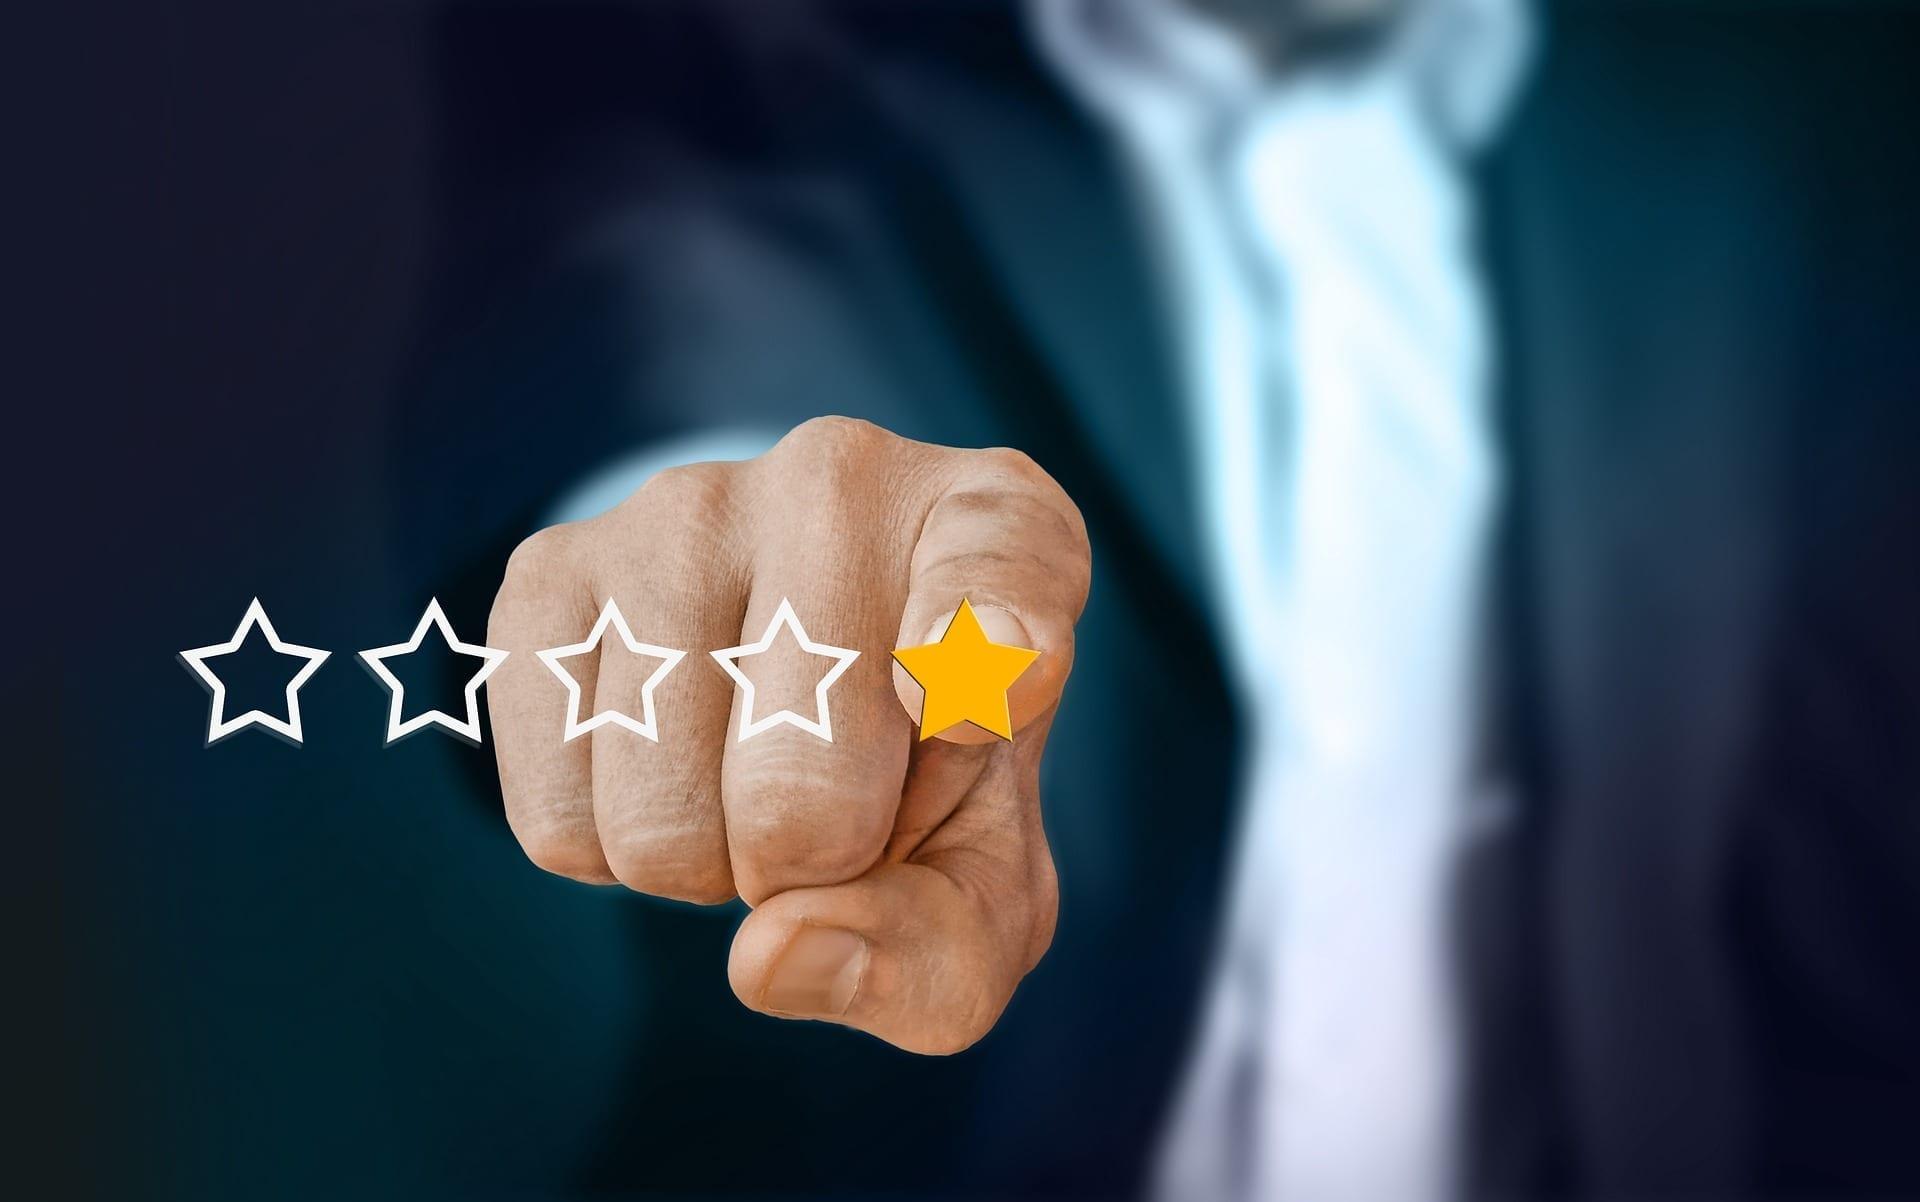 Online reviewer; image courtesy geralt via www.pixabay.com, CC0.